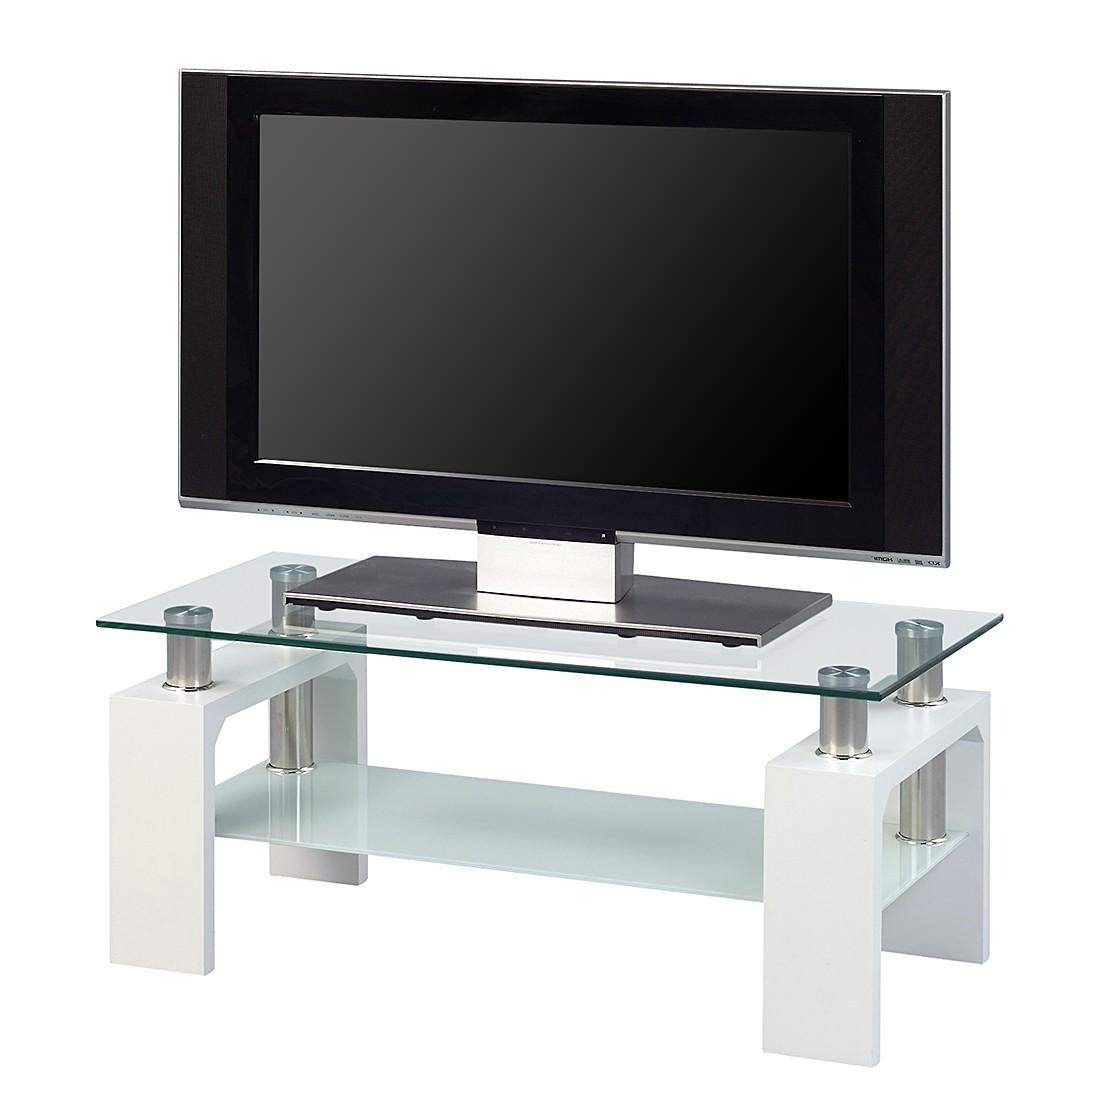 tv lowboard wei g nstig inspirierendes design f r wohnm bel. Black Bedroom Furniture Sets. Home Design Ideas